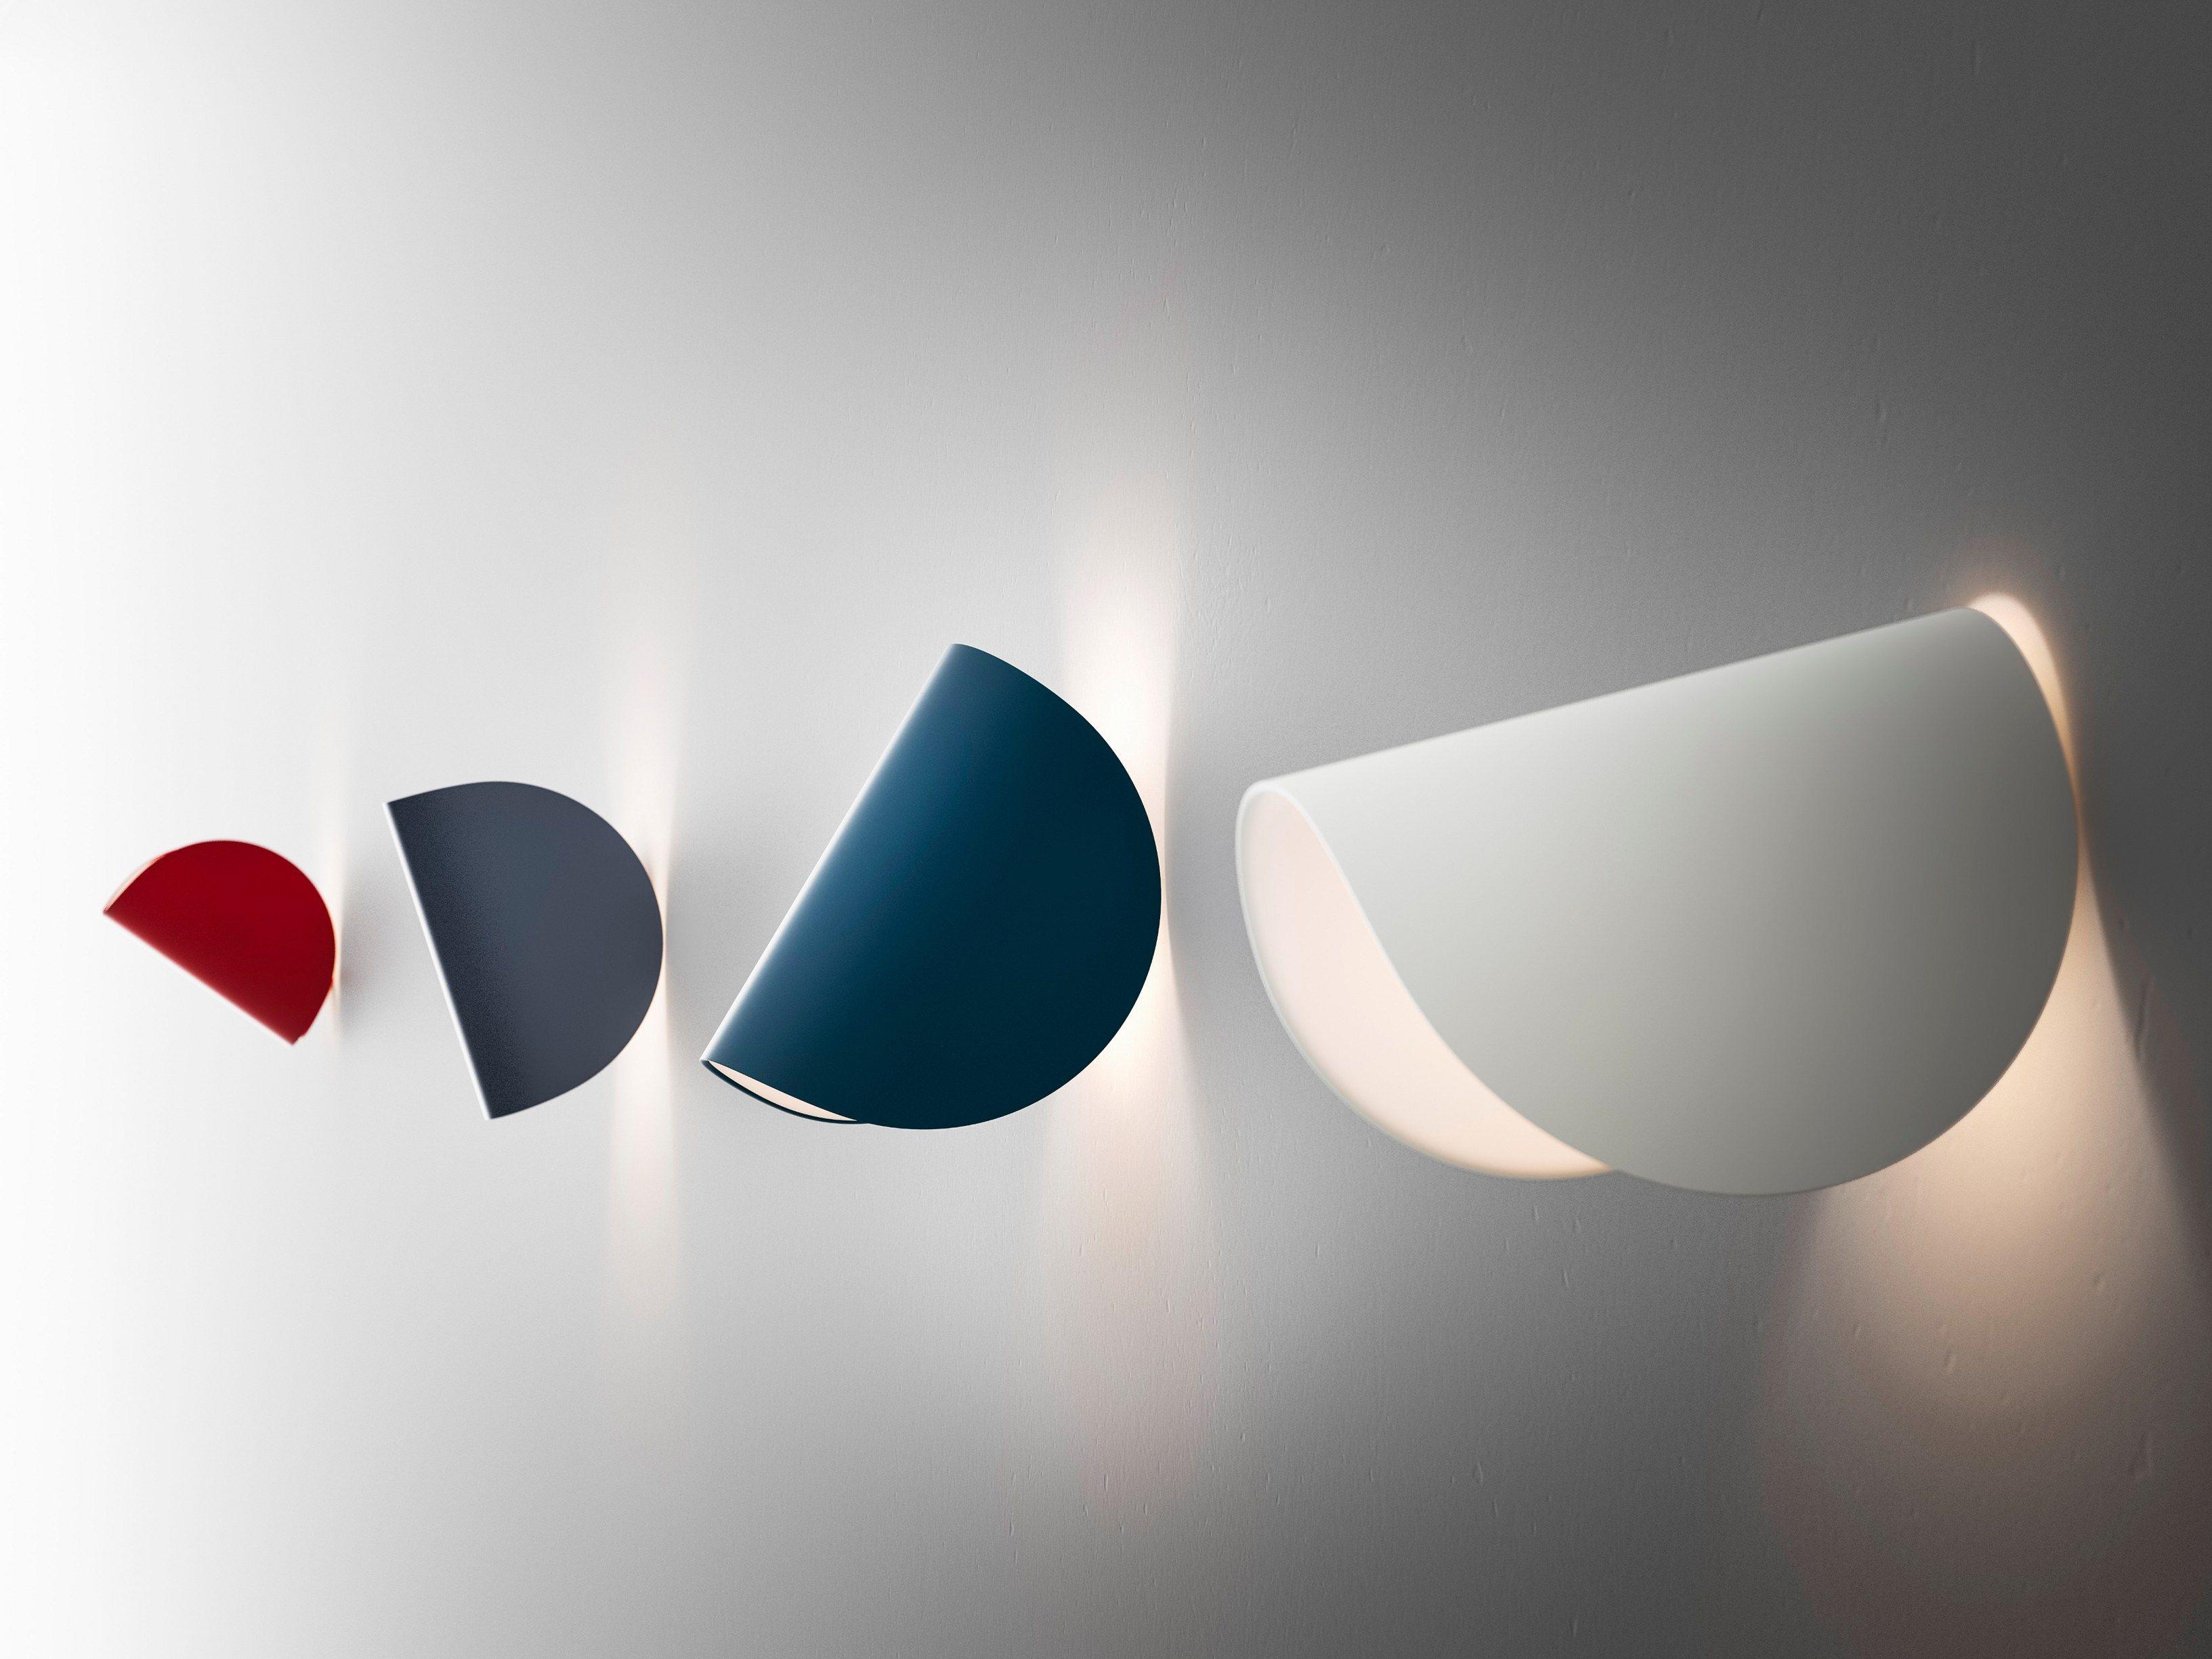 Io new lights lampade da parete lampade illuminazione a parete